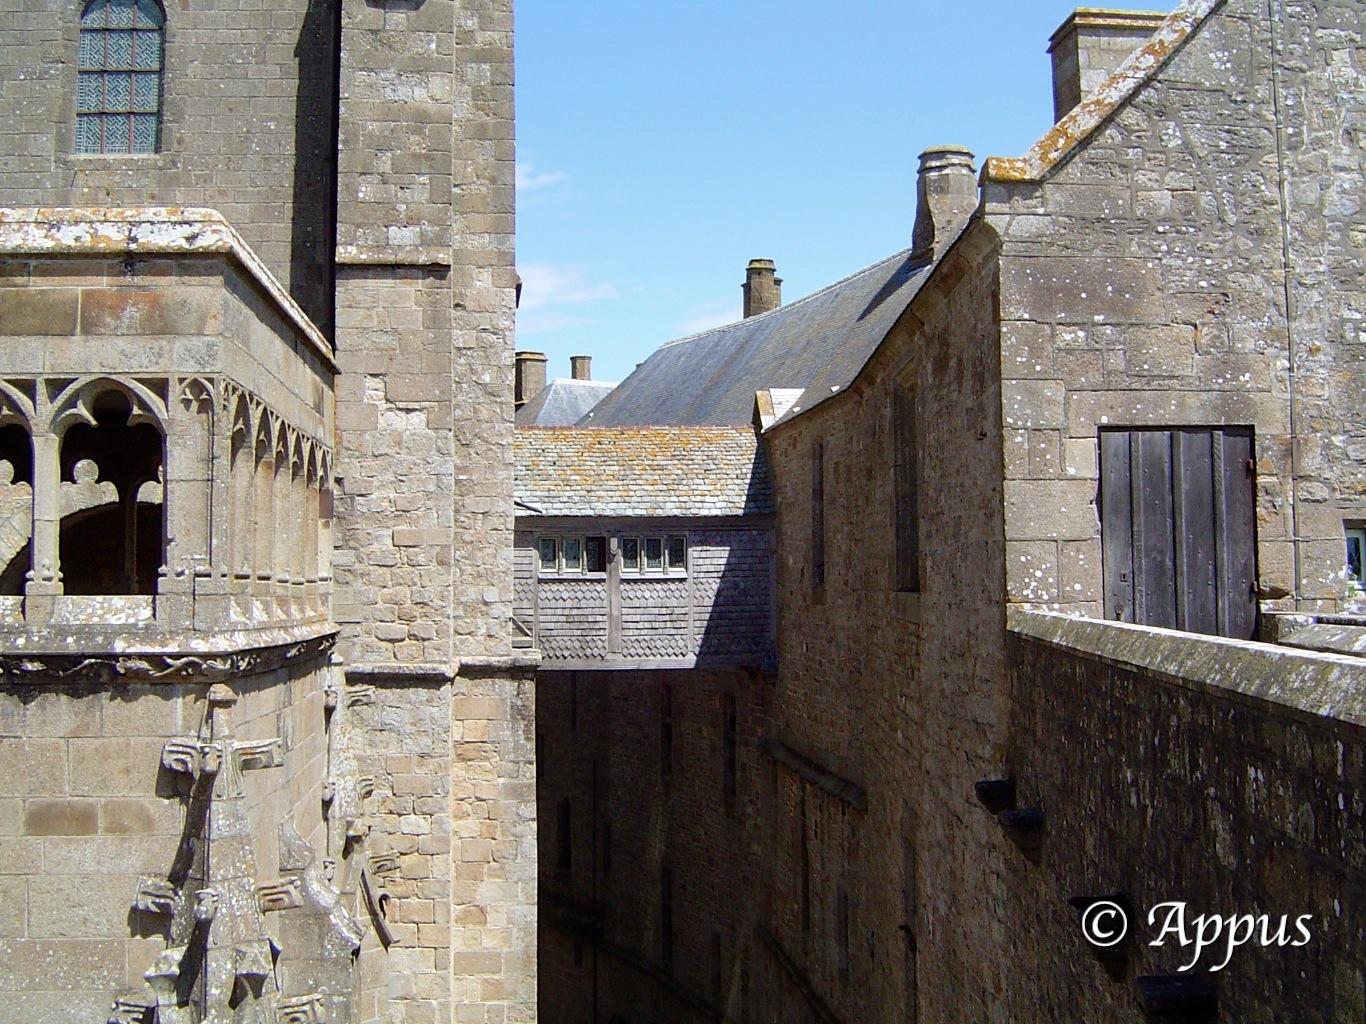 Le mont saint michel vu de l int rieur appus photos for Mont saint michel interieur